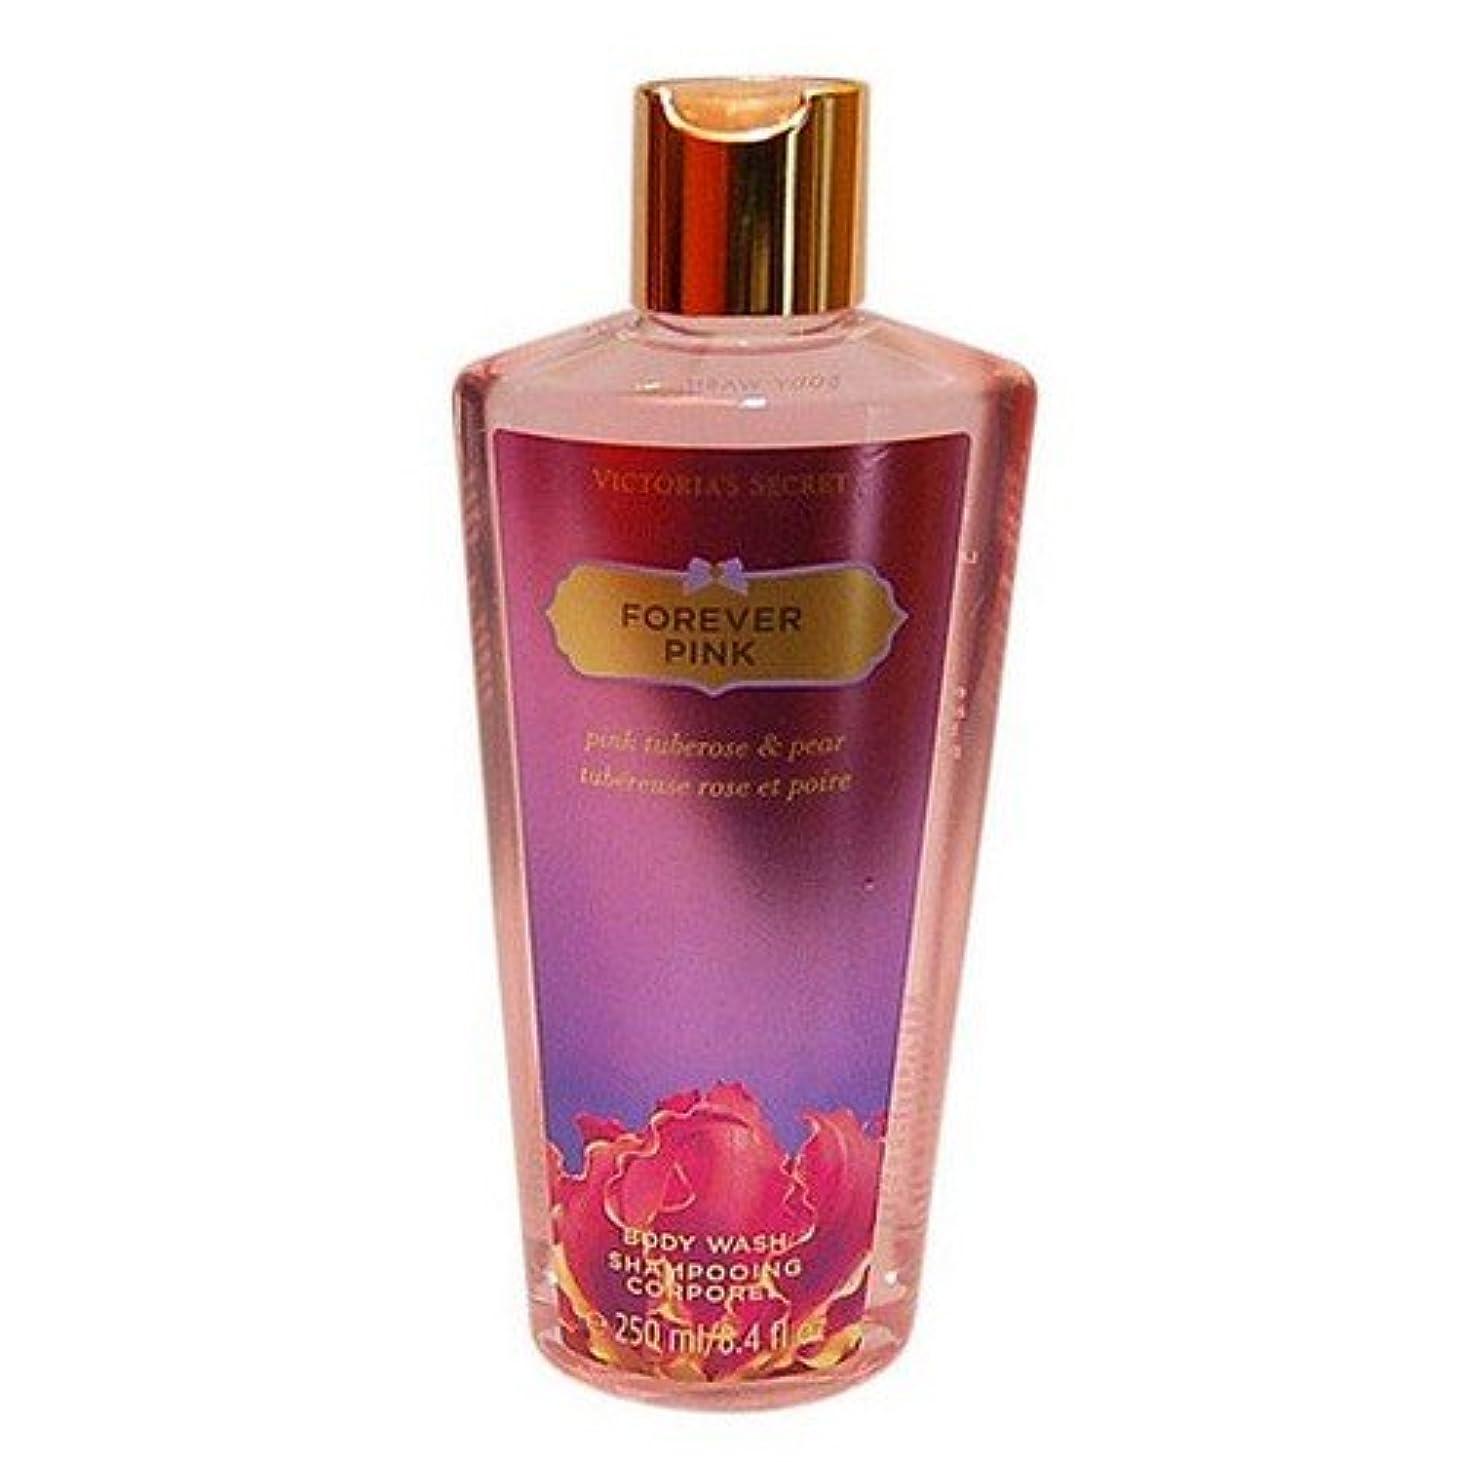 大胆な甘味シャンパンVictoria's Secret Forever Pink Tuberose & Pear for Women Body Wash, 8.4 Ounce by Victoria's Secret